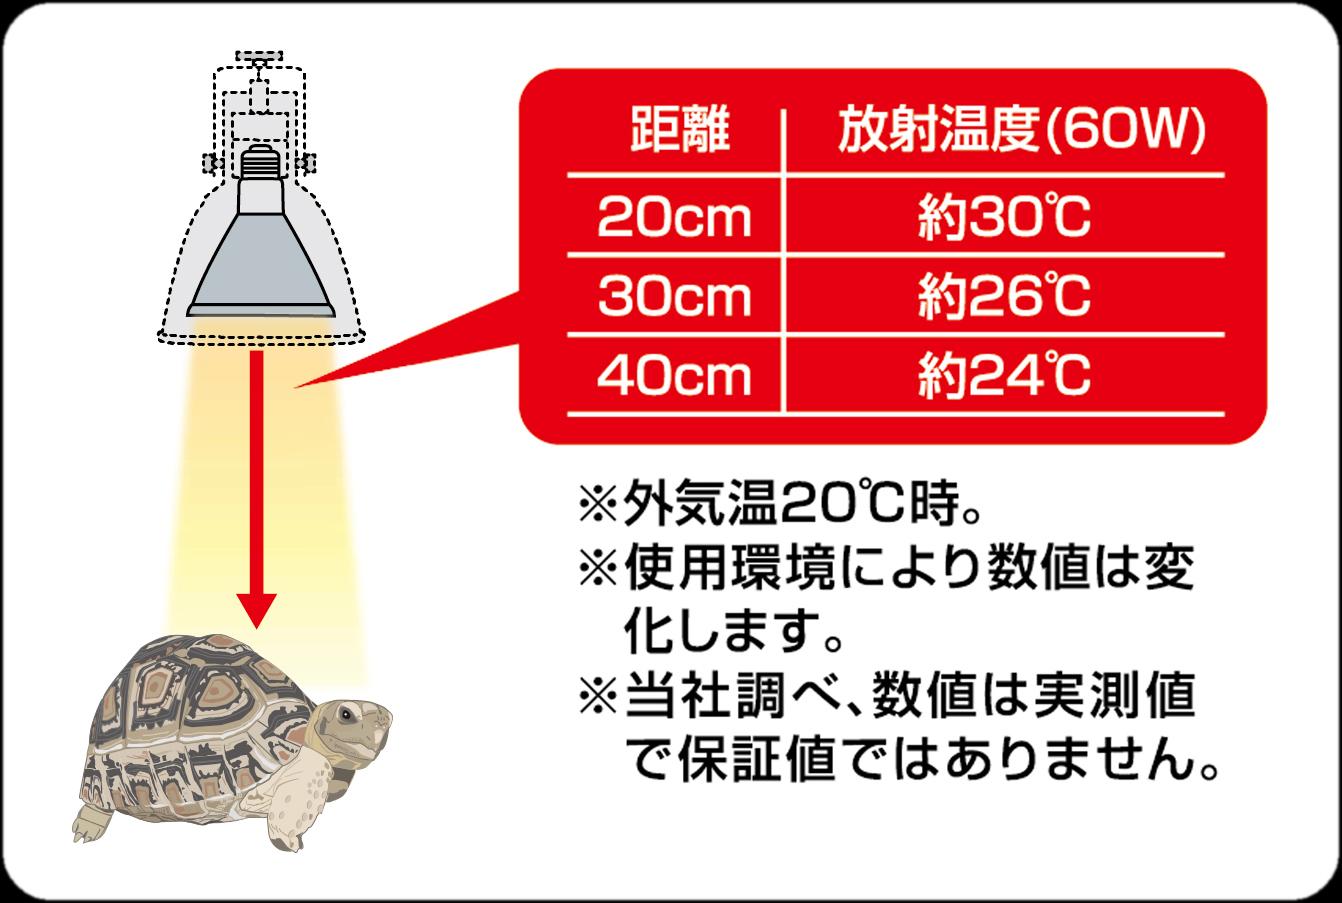 カーボンヒーターの放射熱の距離と温度の目安